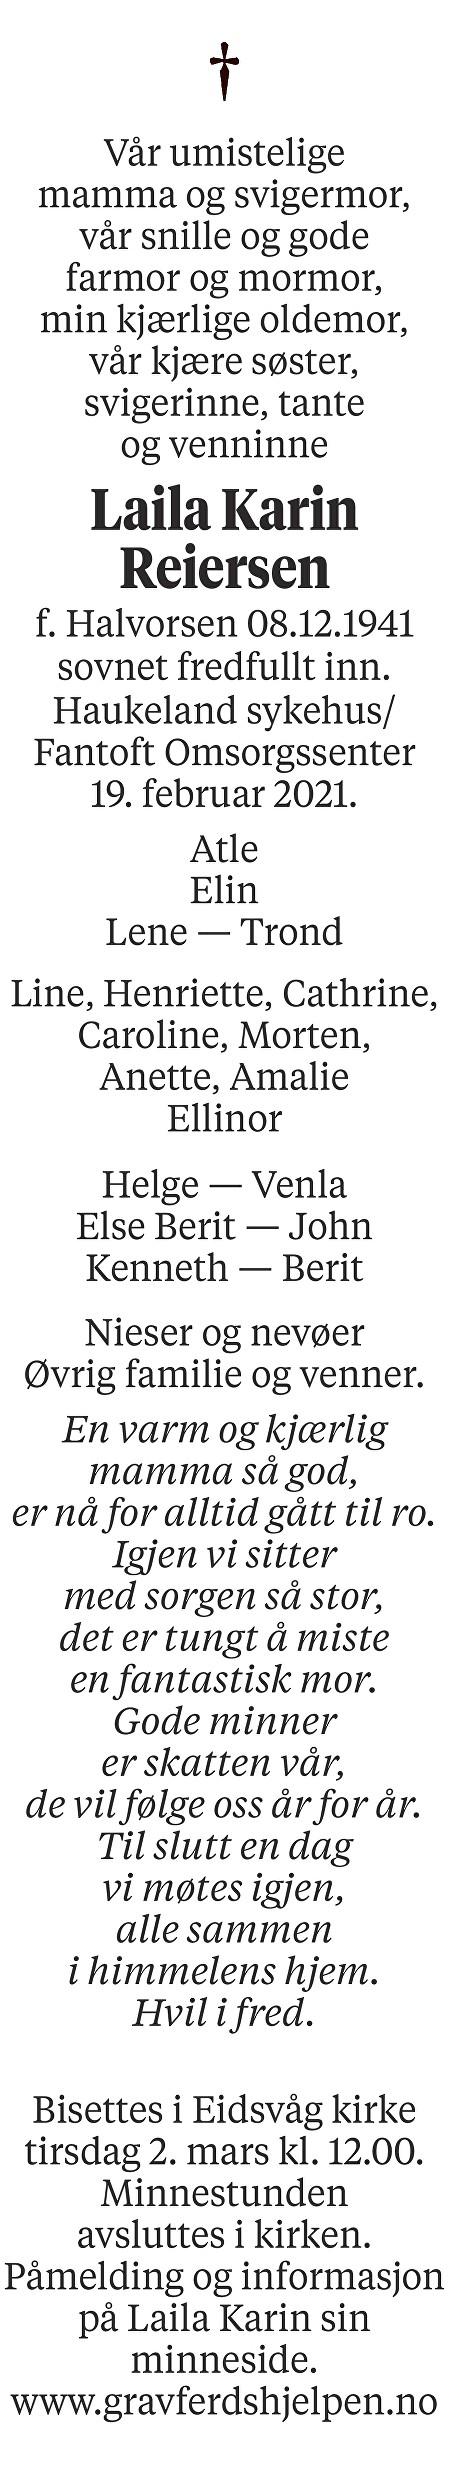 Laila Karin Reiersen Dødsannonse